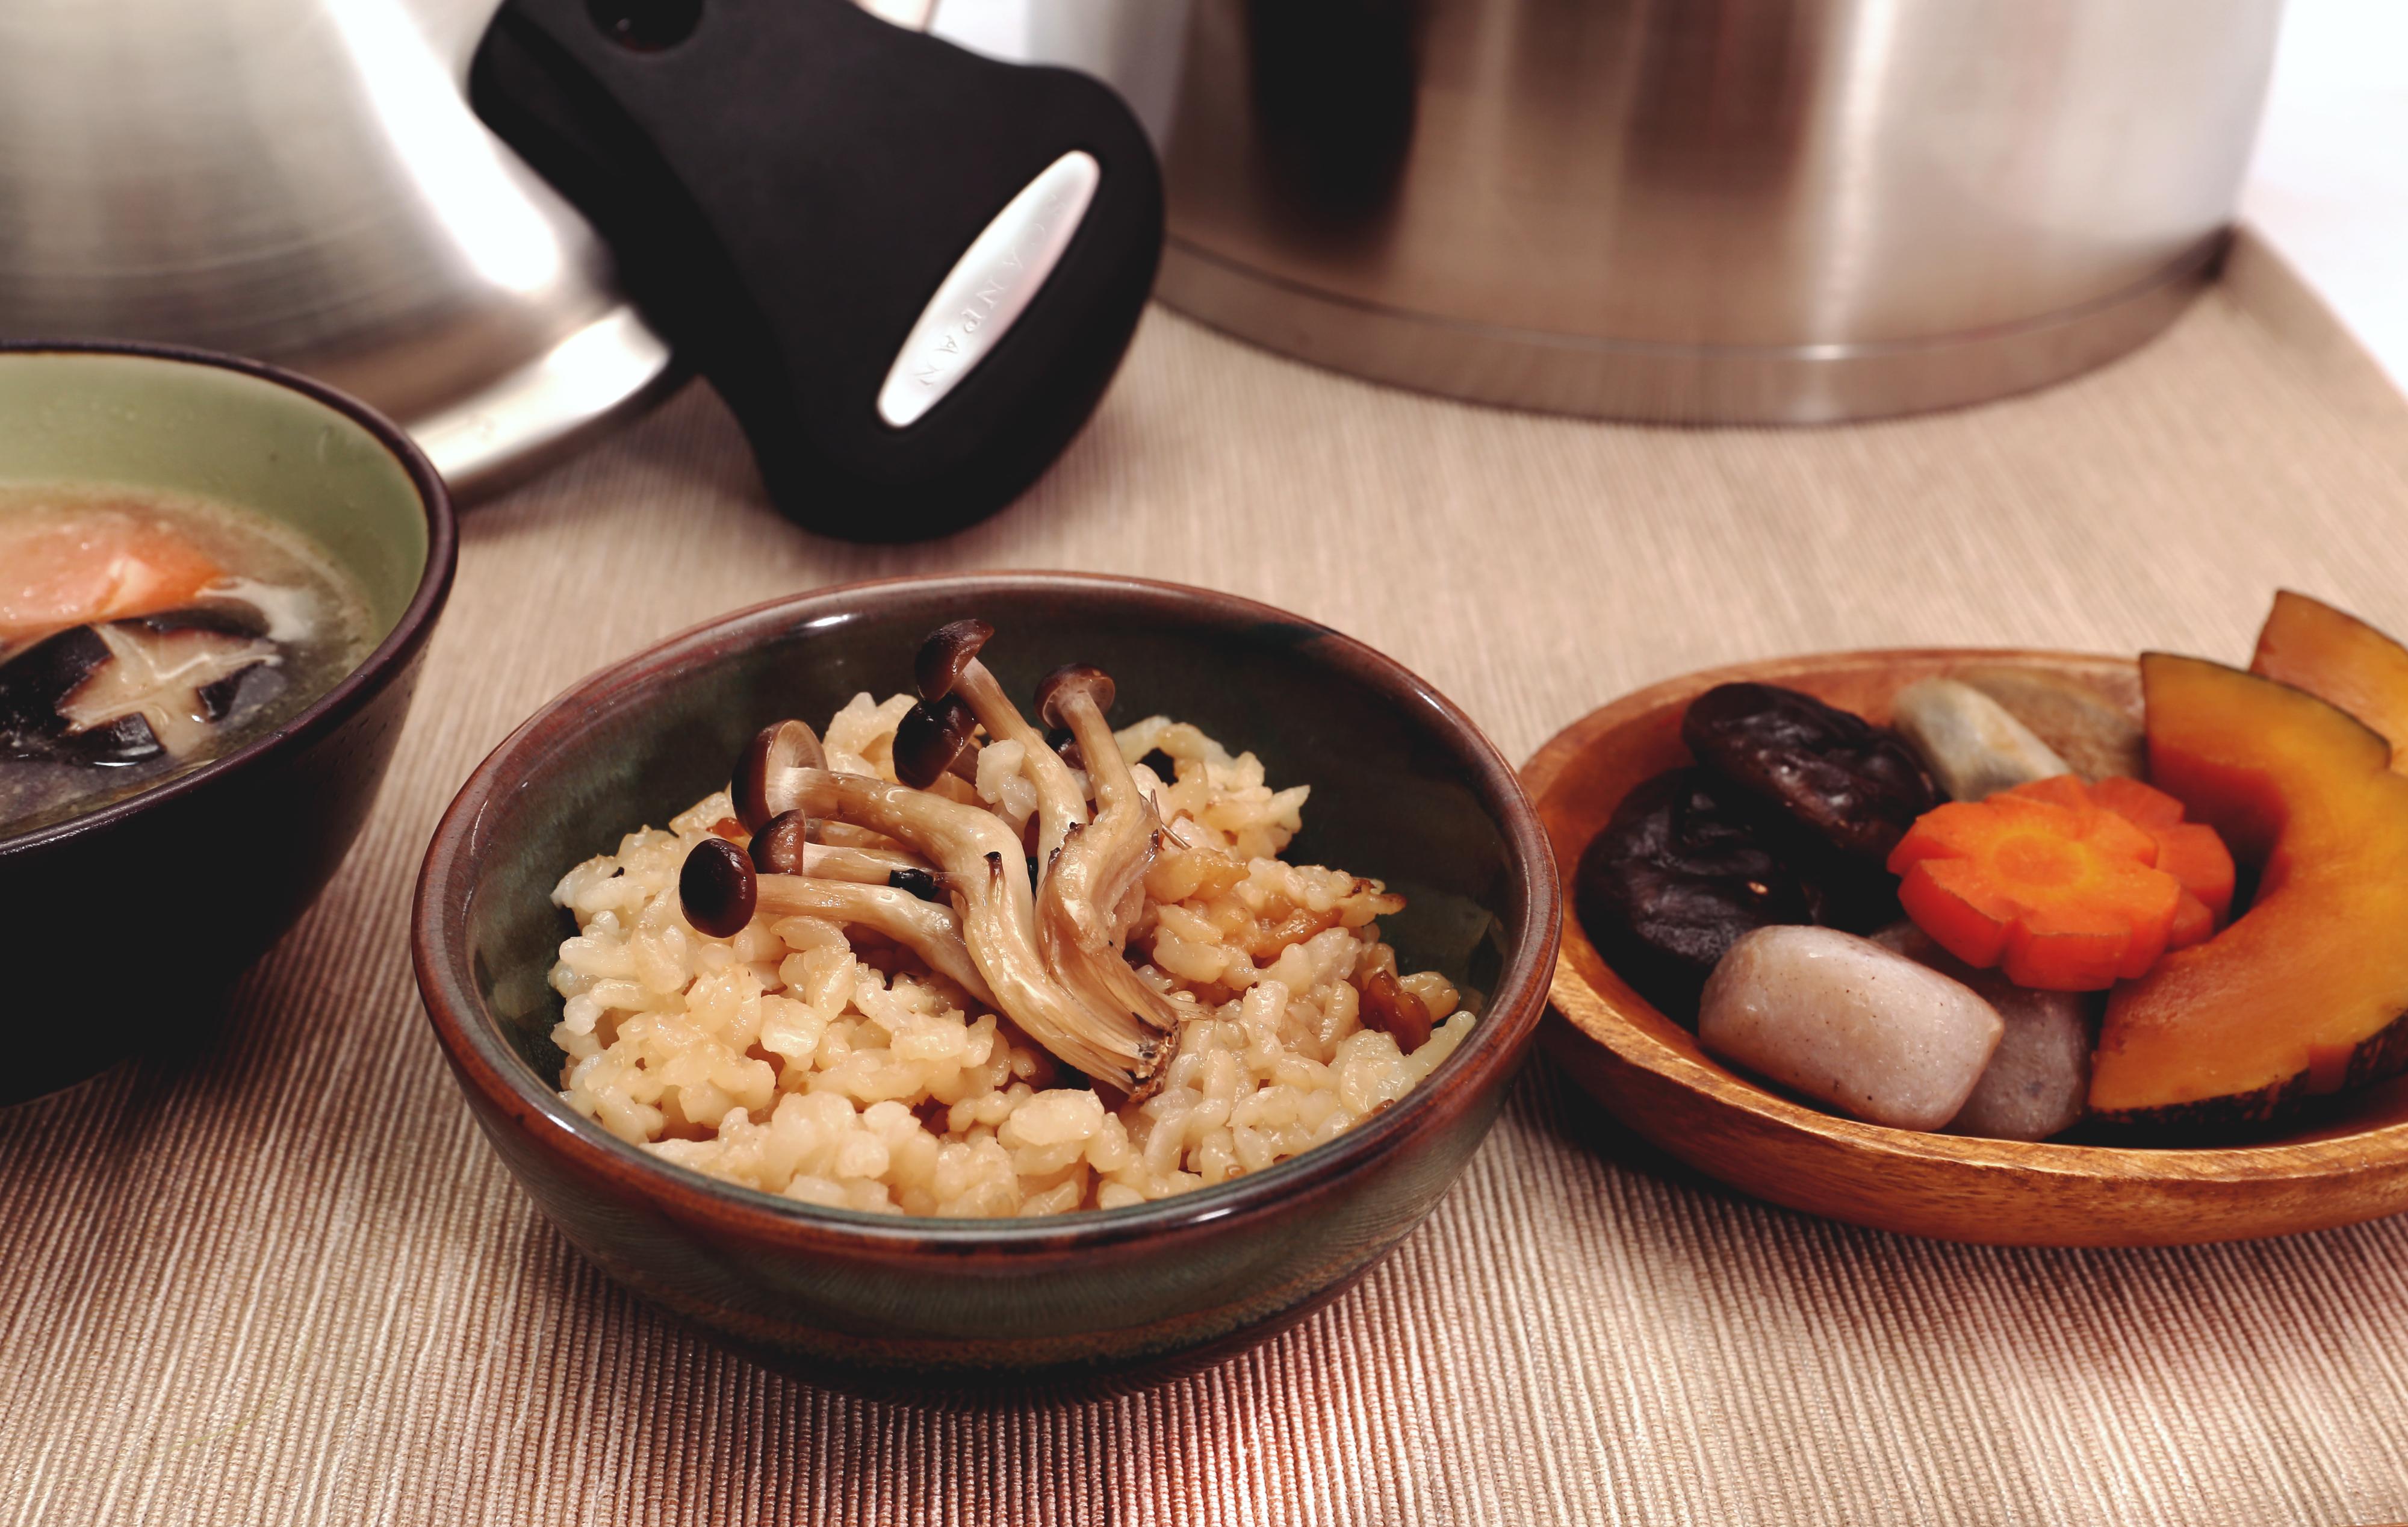 菇菇炊飯, 日式煮物, 法式雞肉湯